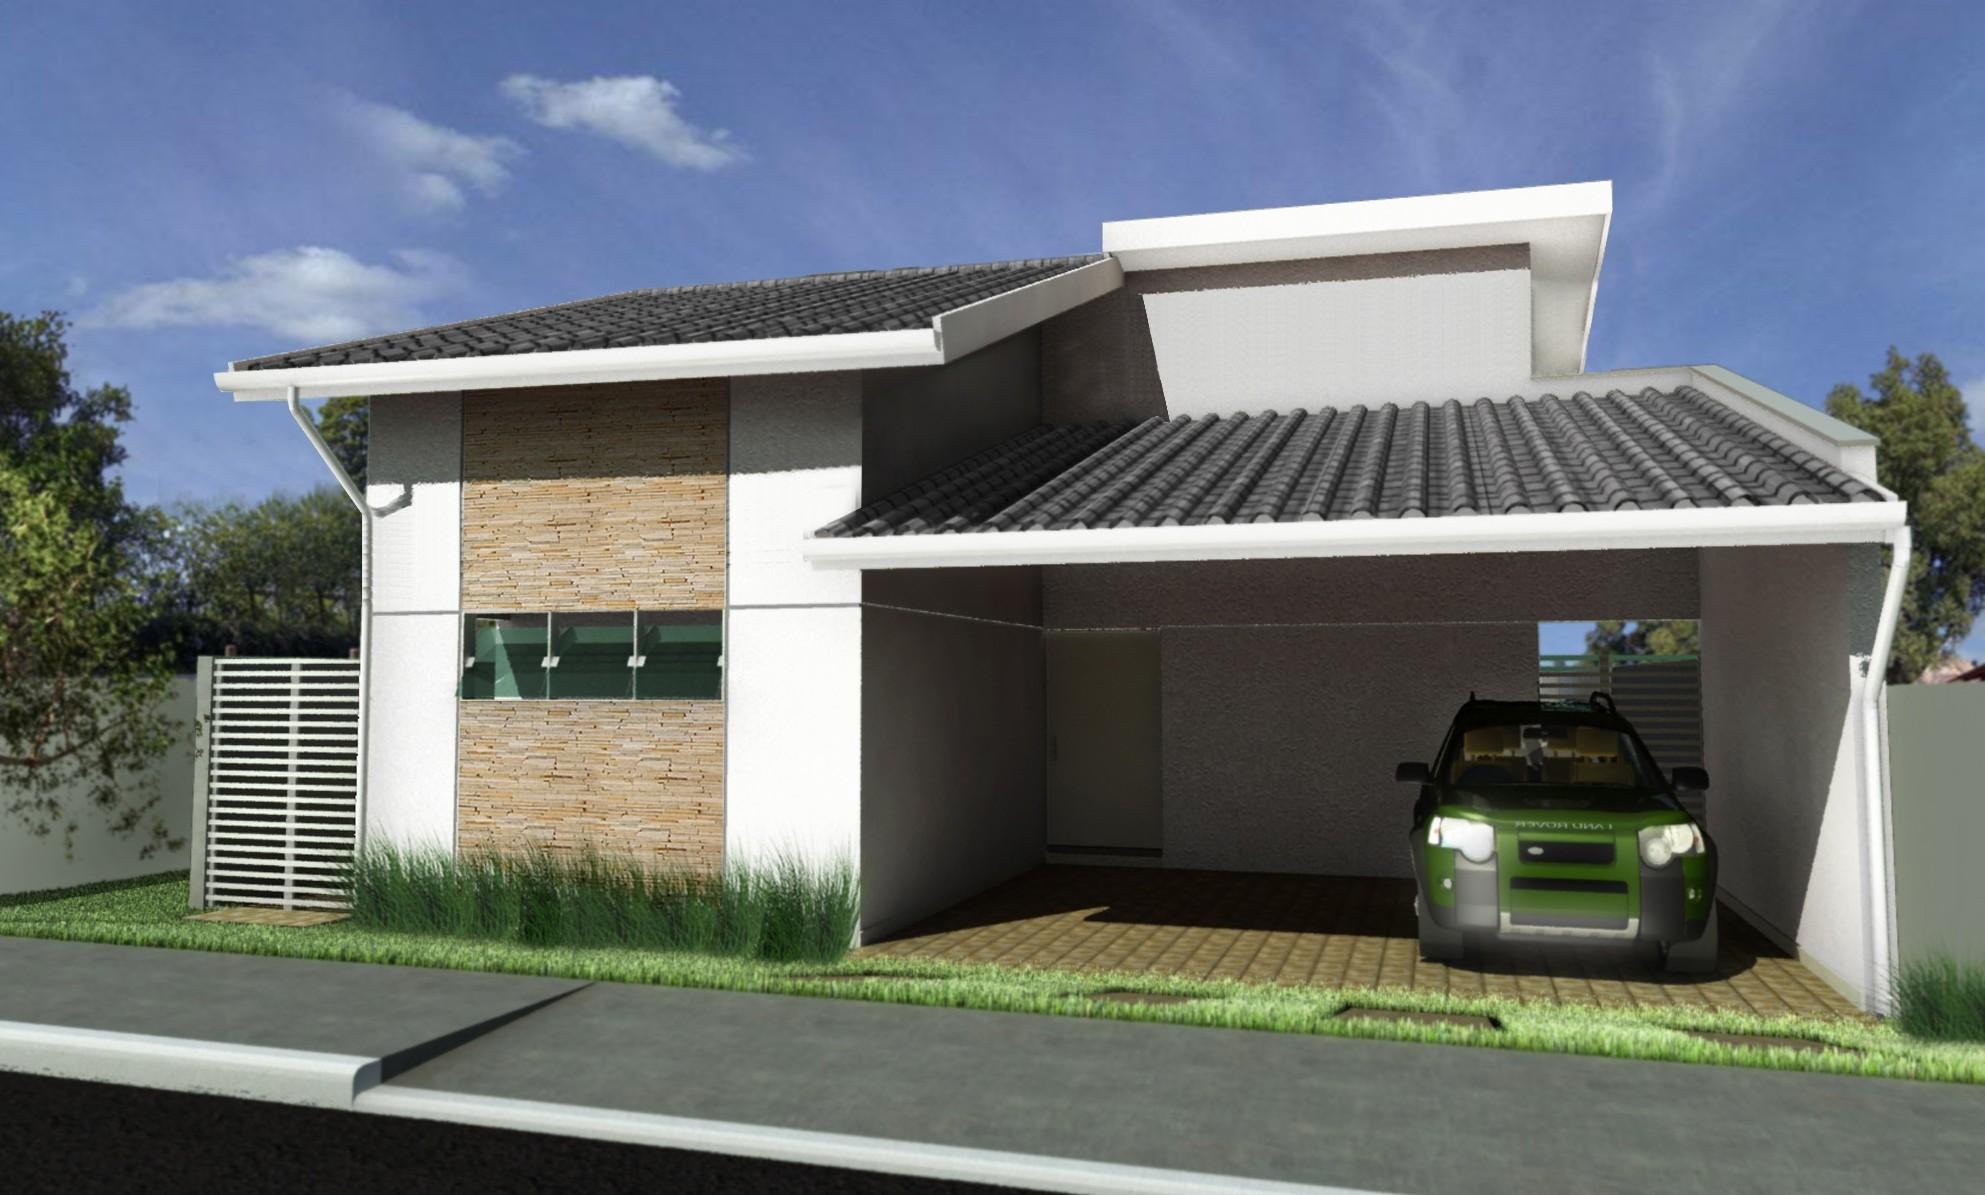 projetos de casas modernas e pequenas gr tis decorando casas. Black Bedroom Furniture Sets. Home Design Ideas